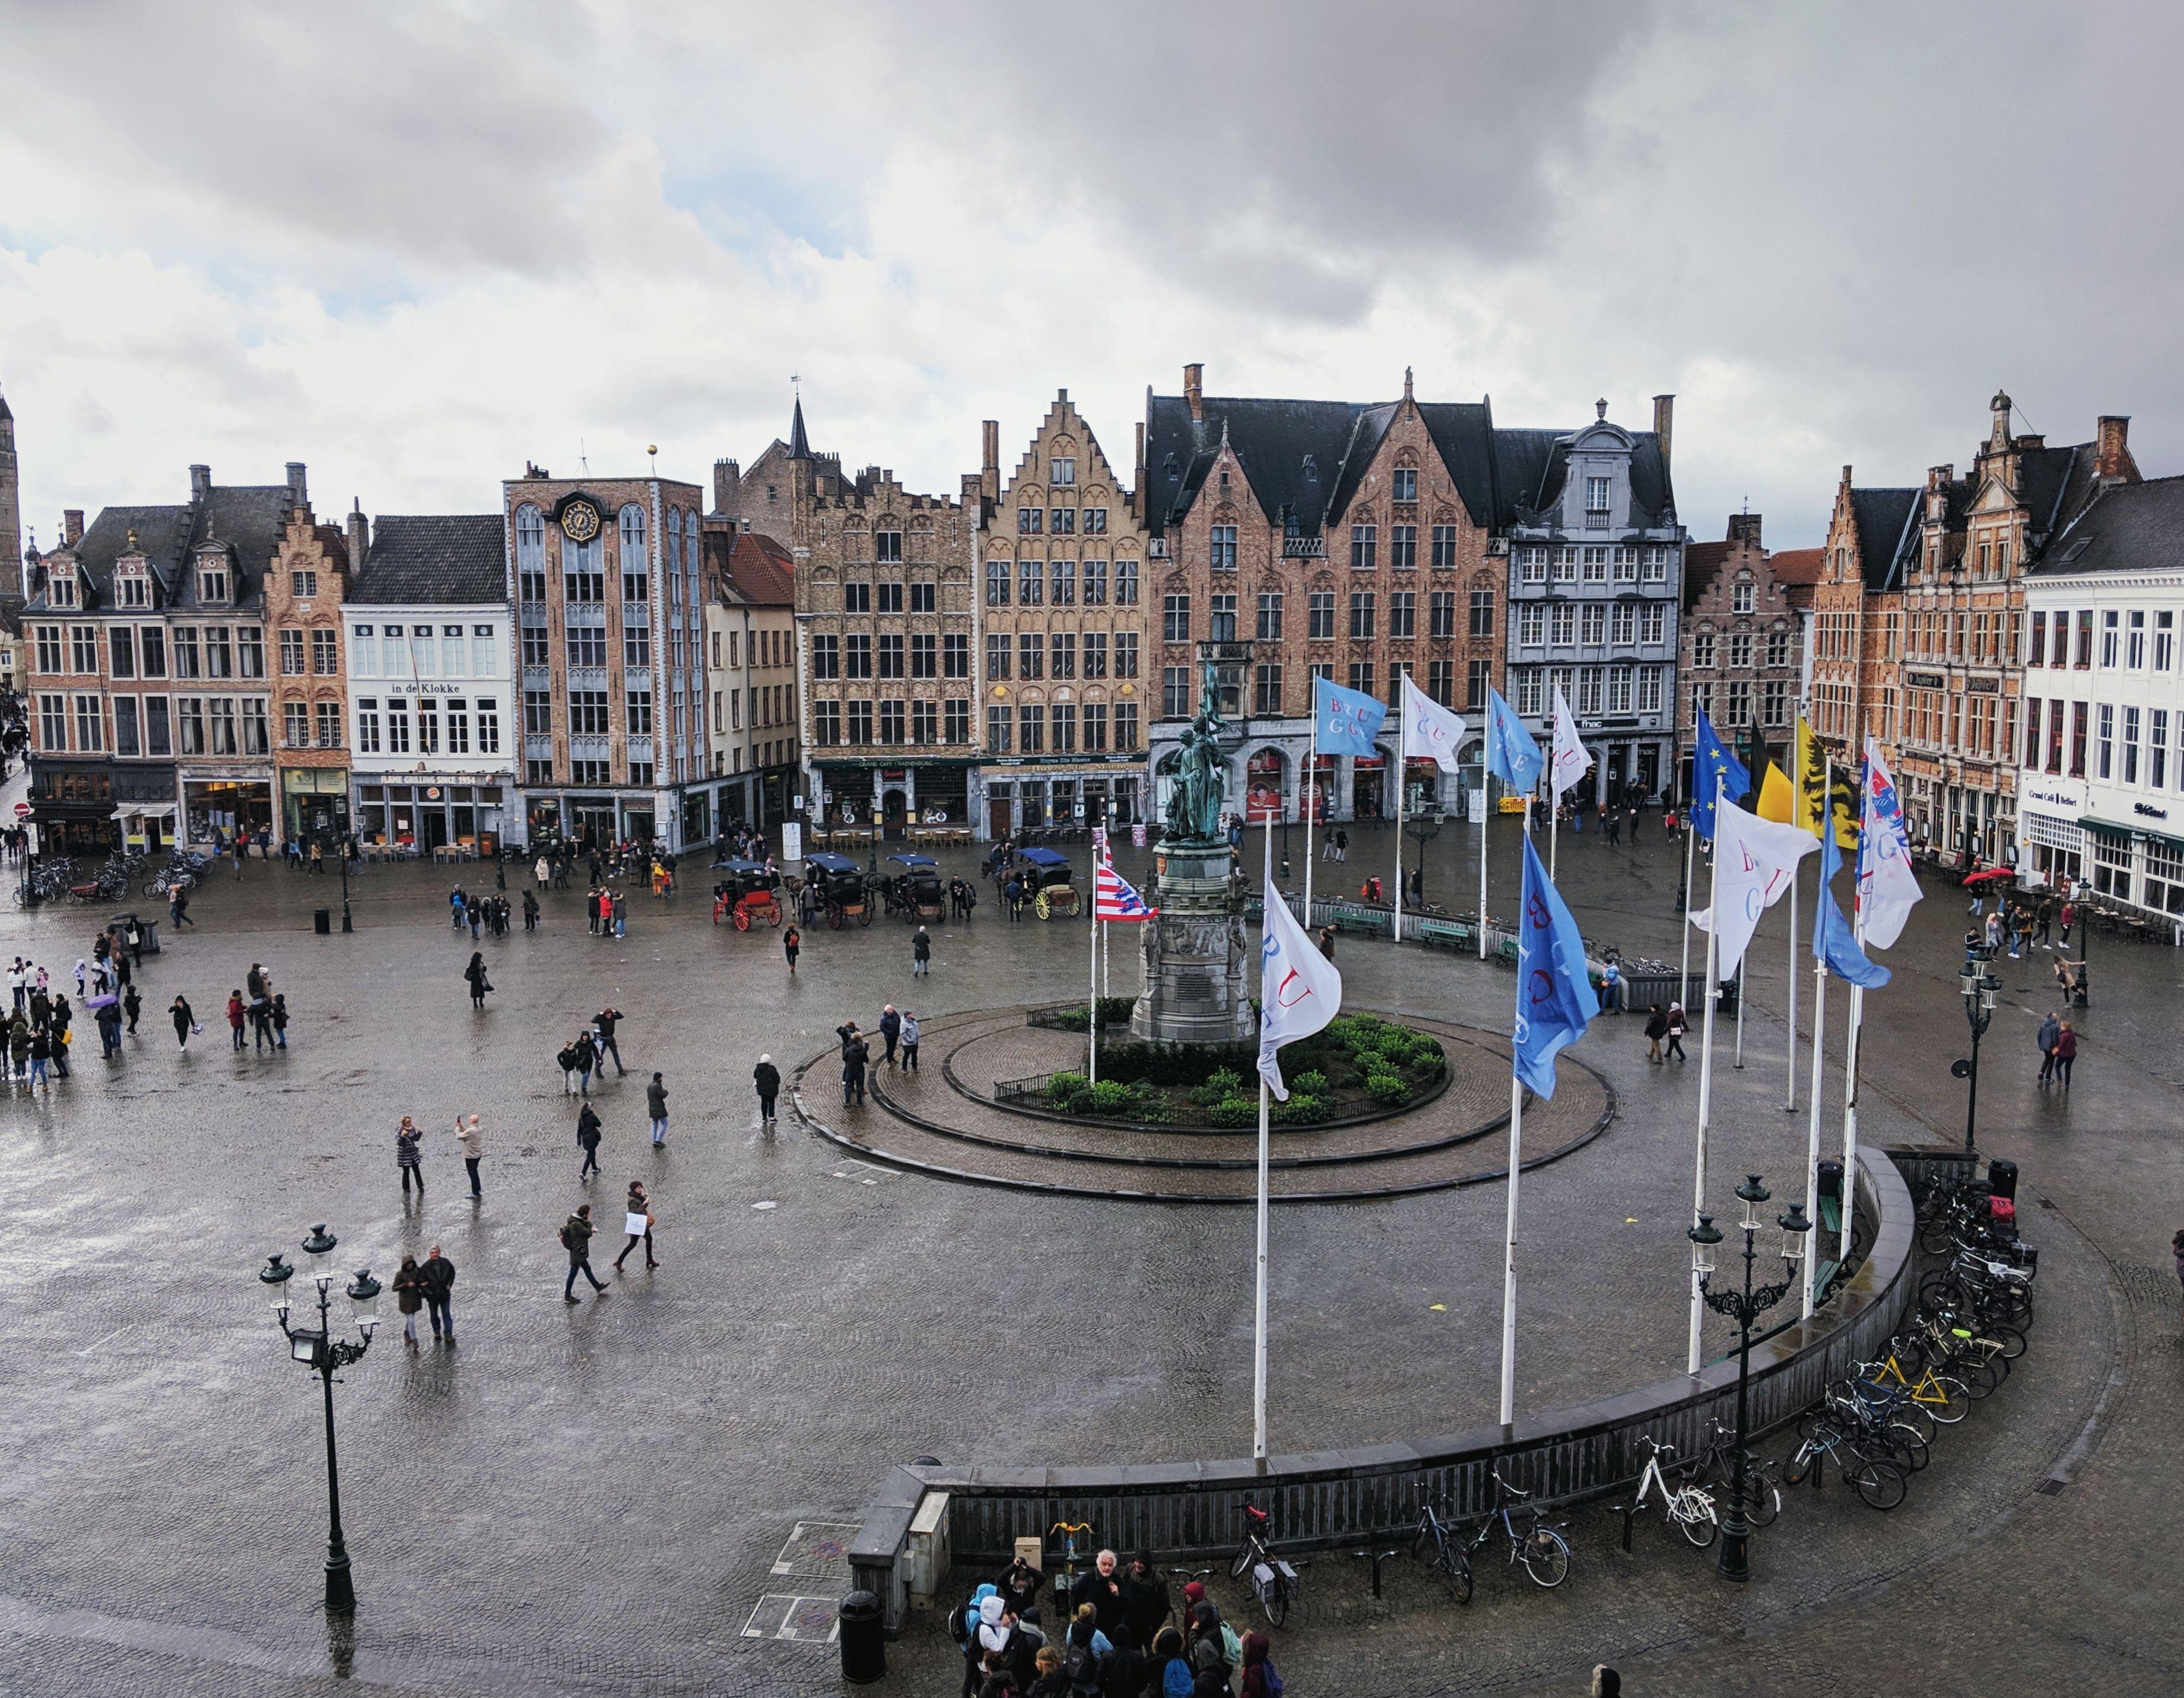 Historium Tower Bruges View